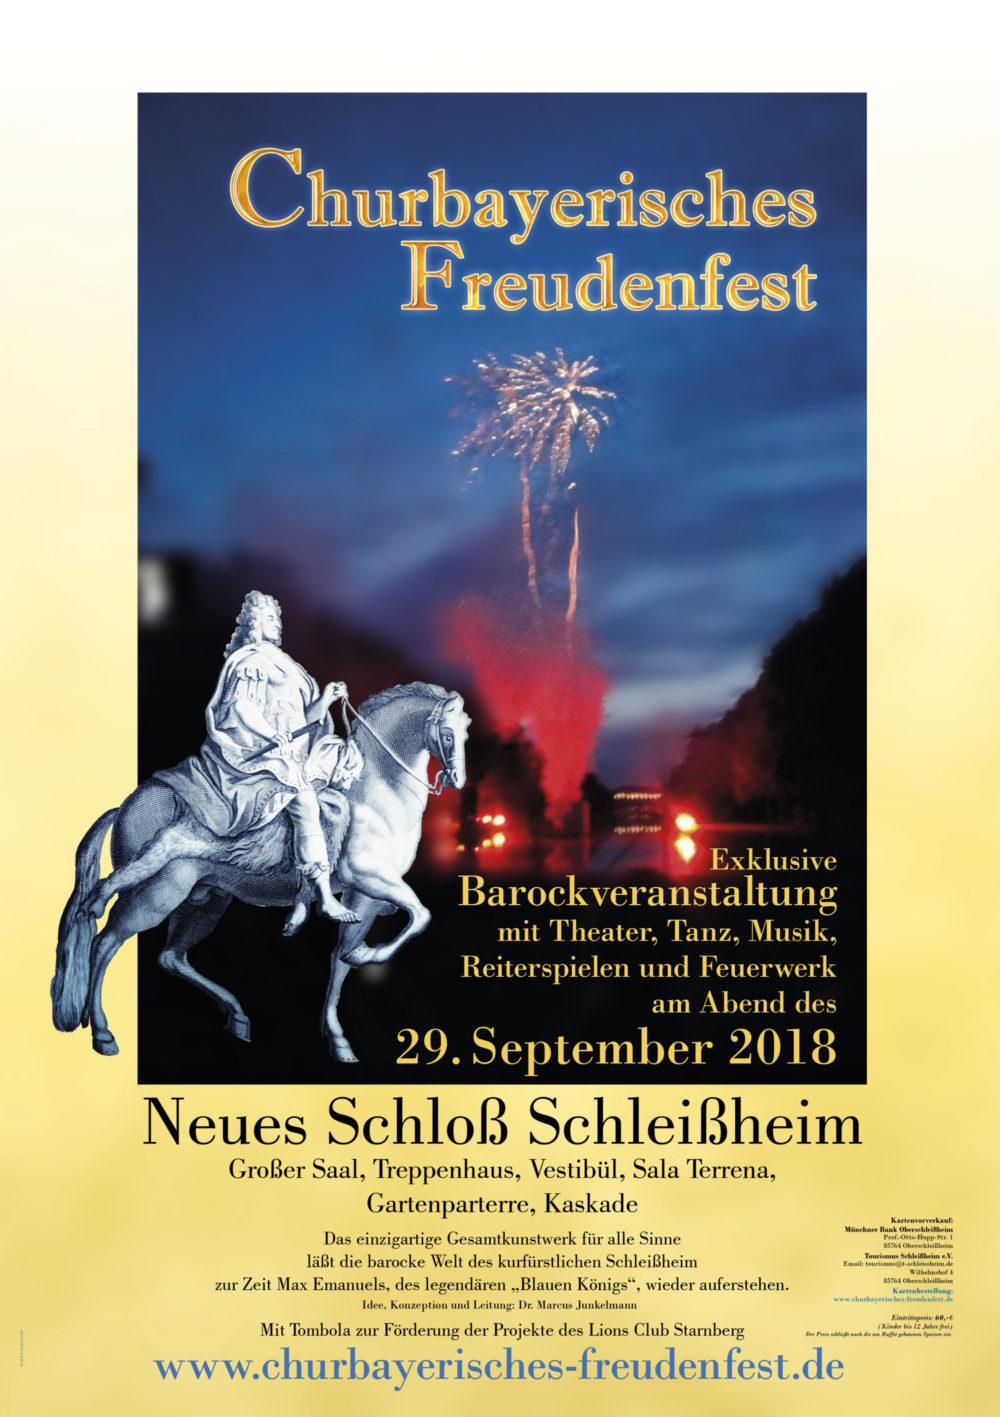 Oberschleißheim, Barock, Churbayerisches Freudenfest, Churbayern, Dr. Marcus Junkelmann, Feuerwerk, Kurfürst Max Emannuel, Oberschleißheim, Schloss Schleißheim, Tanz,